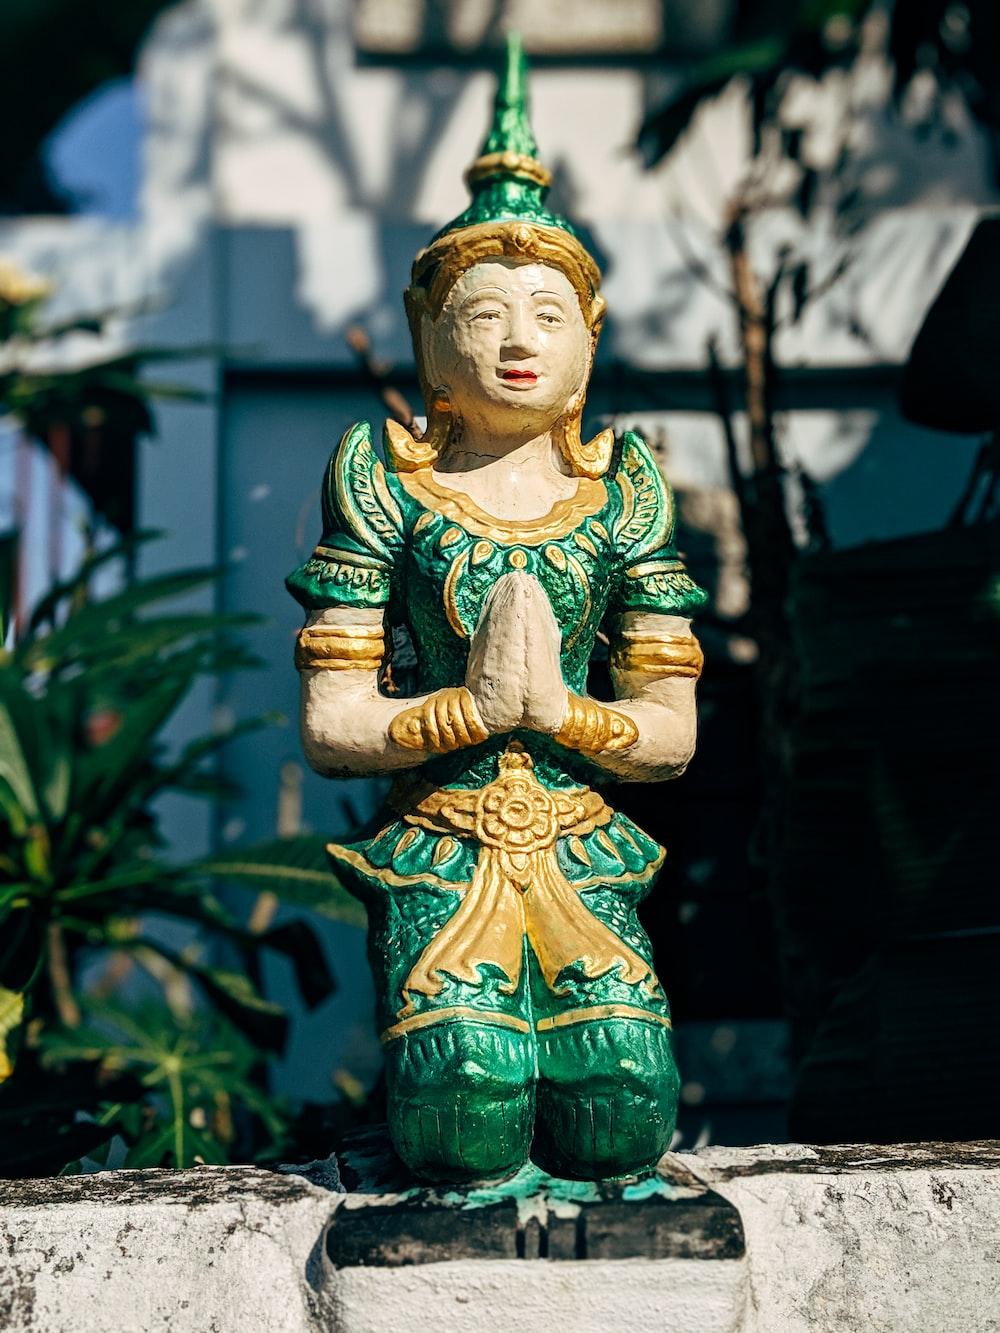 green and yellow ceramic buddha figurine